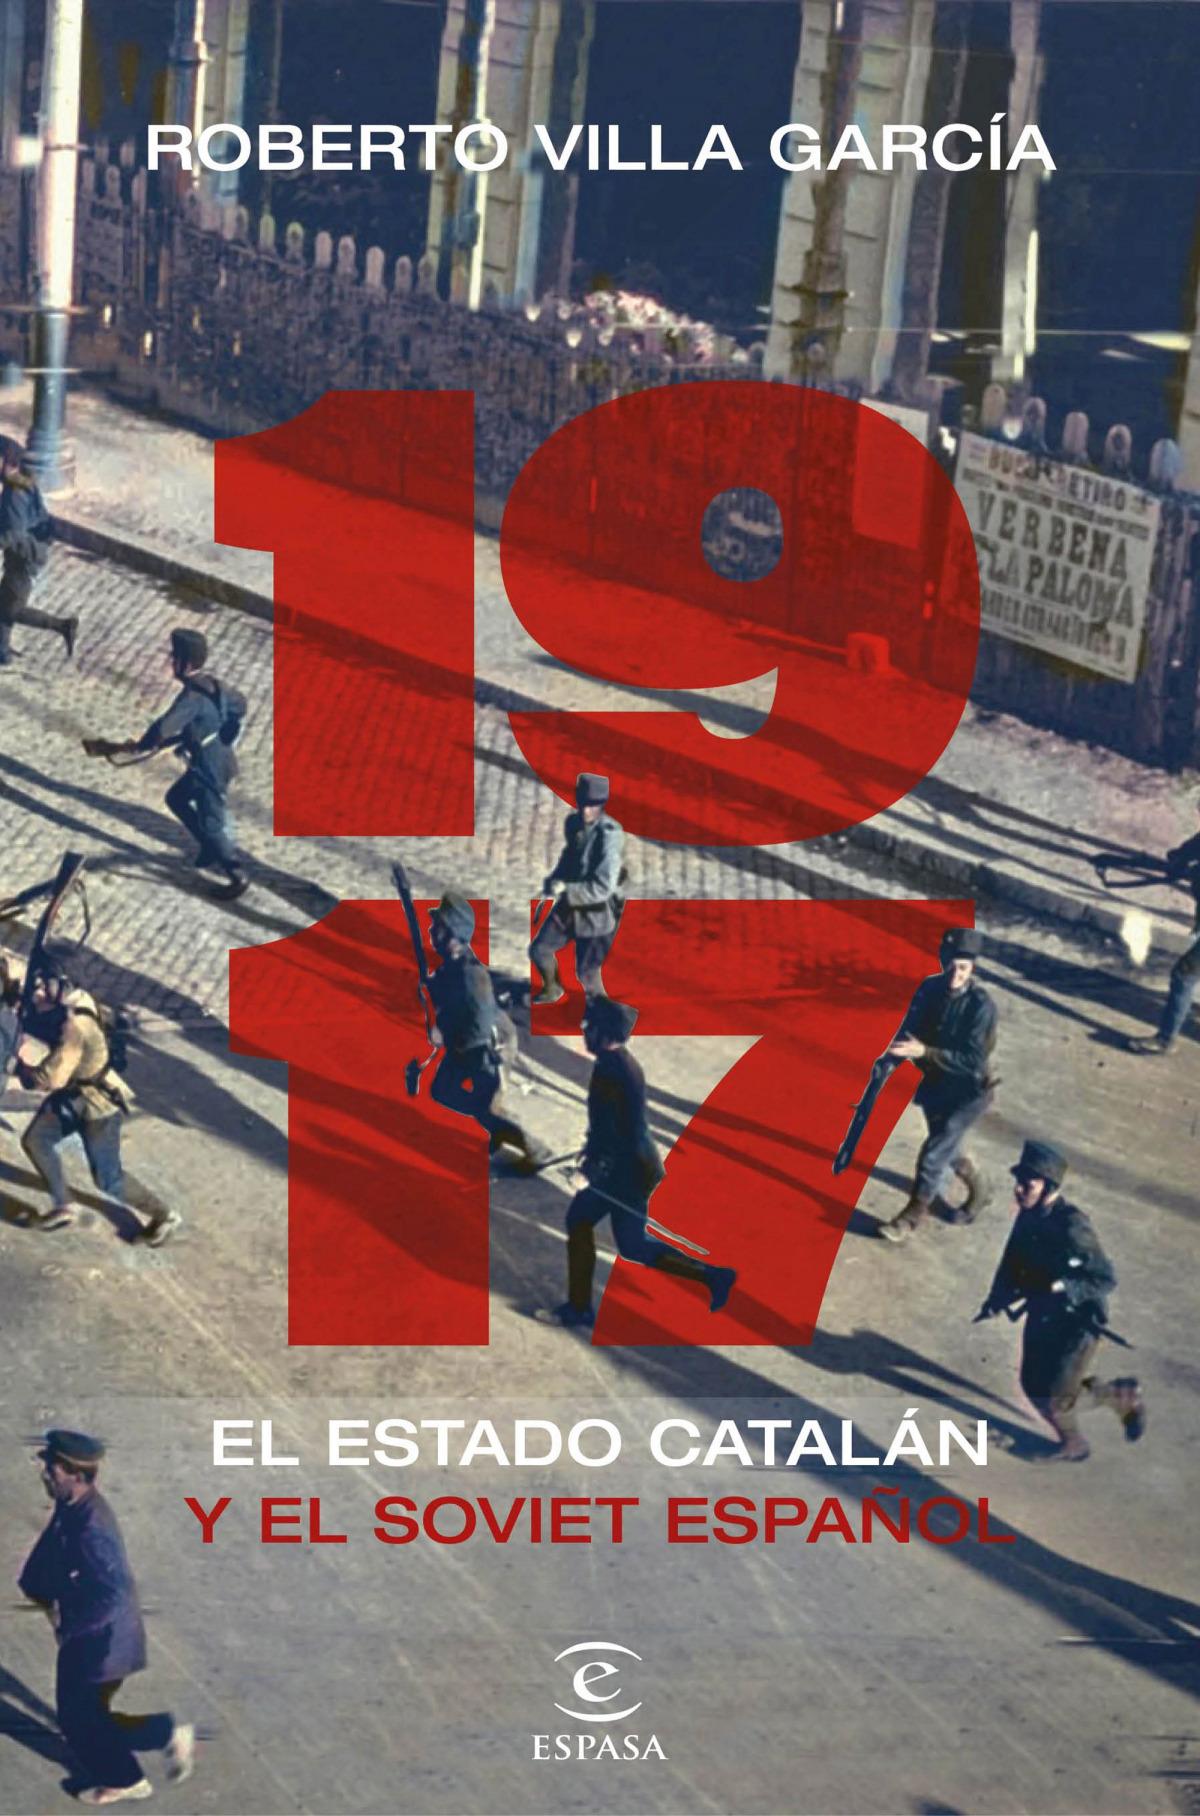 1917. El Estado catalán y el soviet español